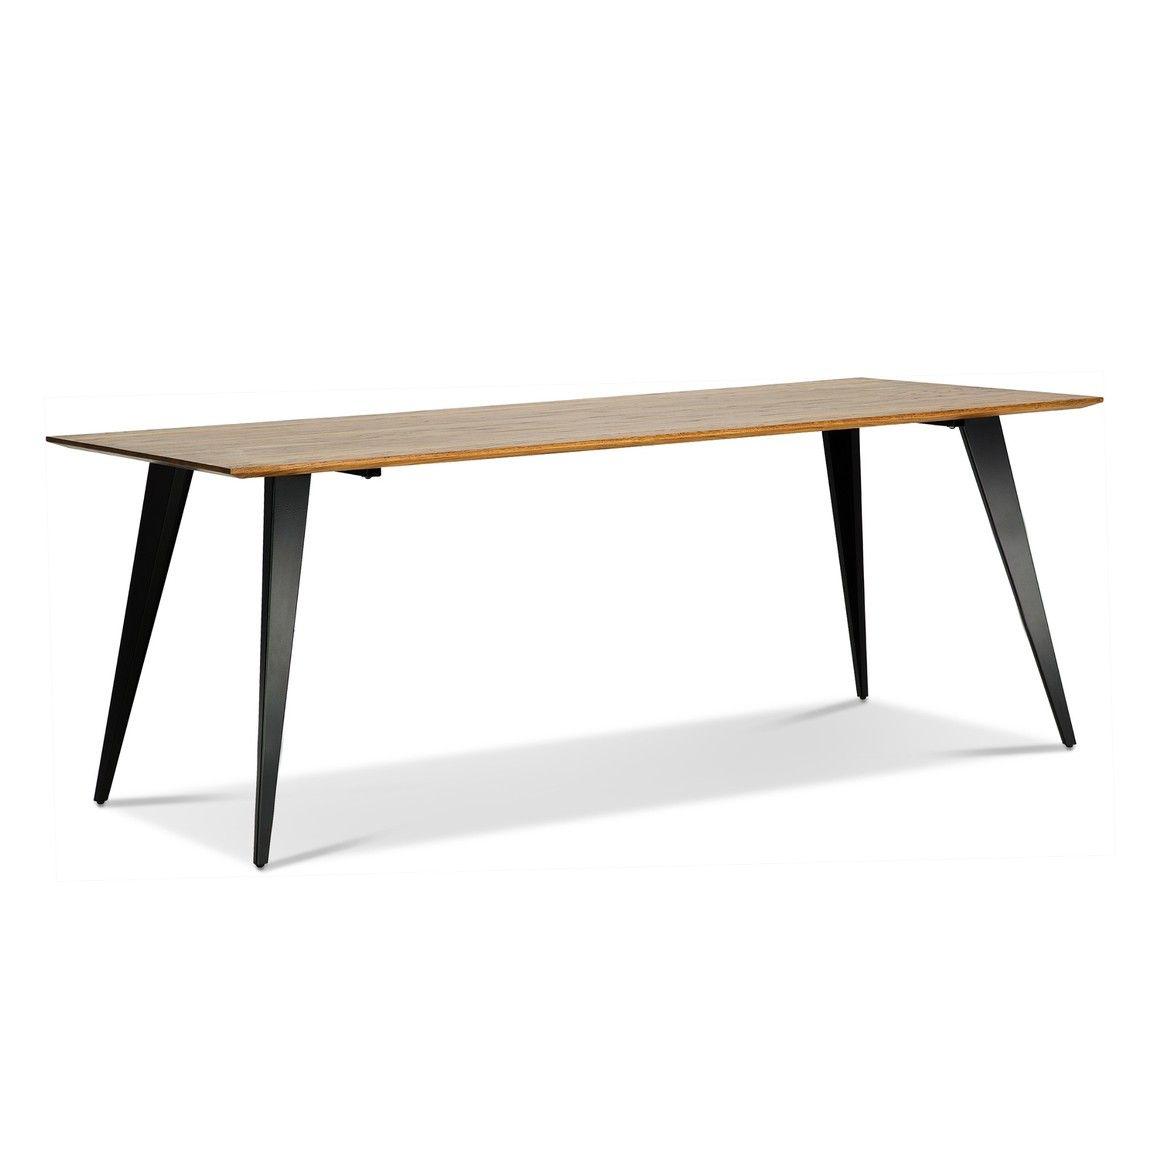 William Tisch Bequem Online Bestellen Tisch Esstisch Tischgestell